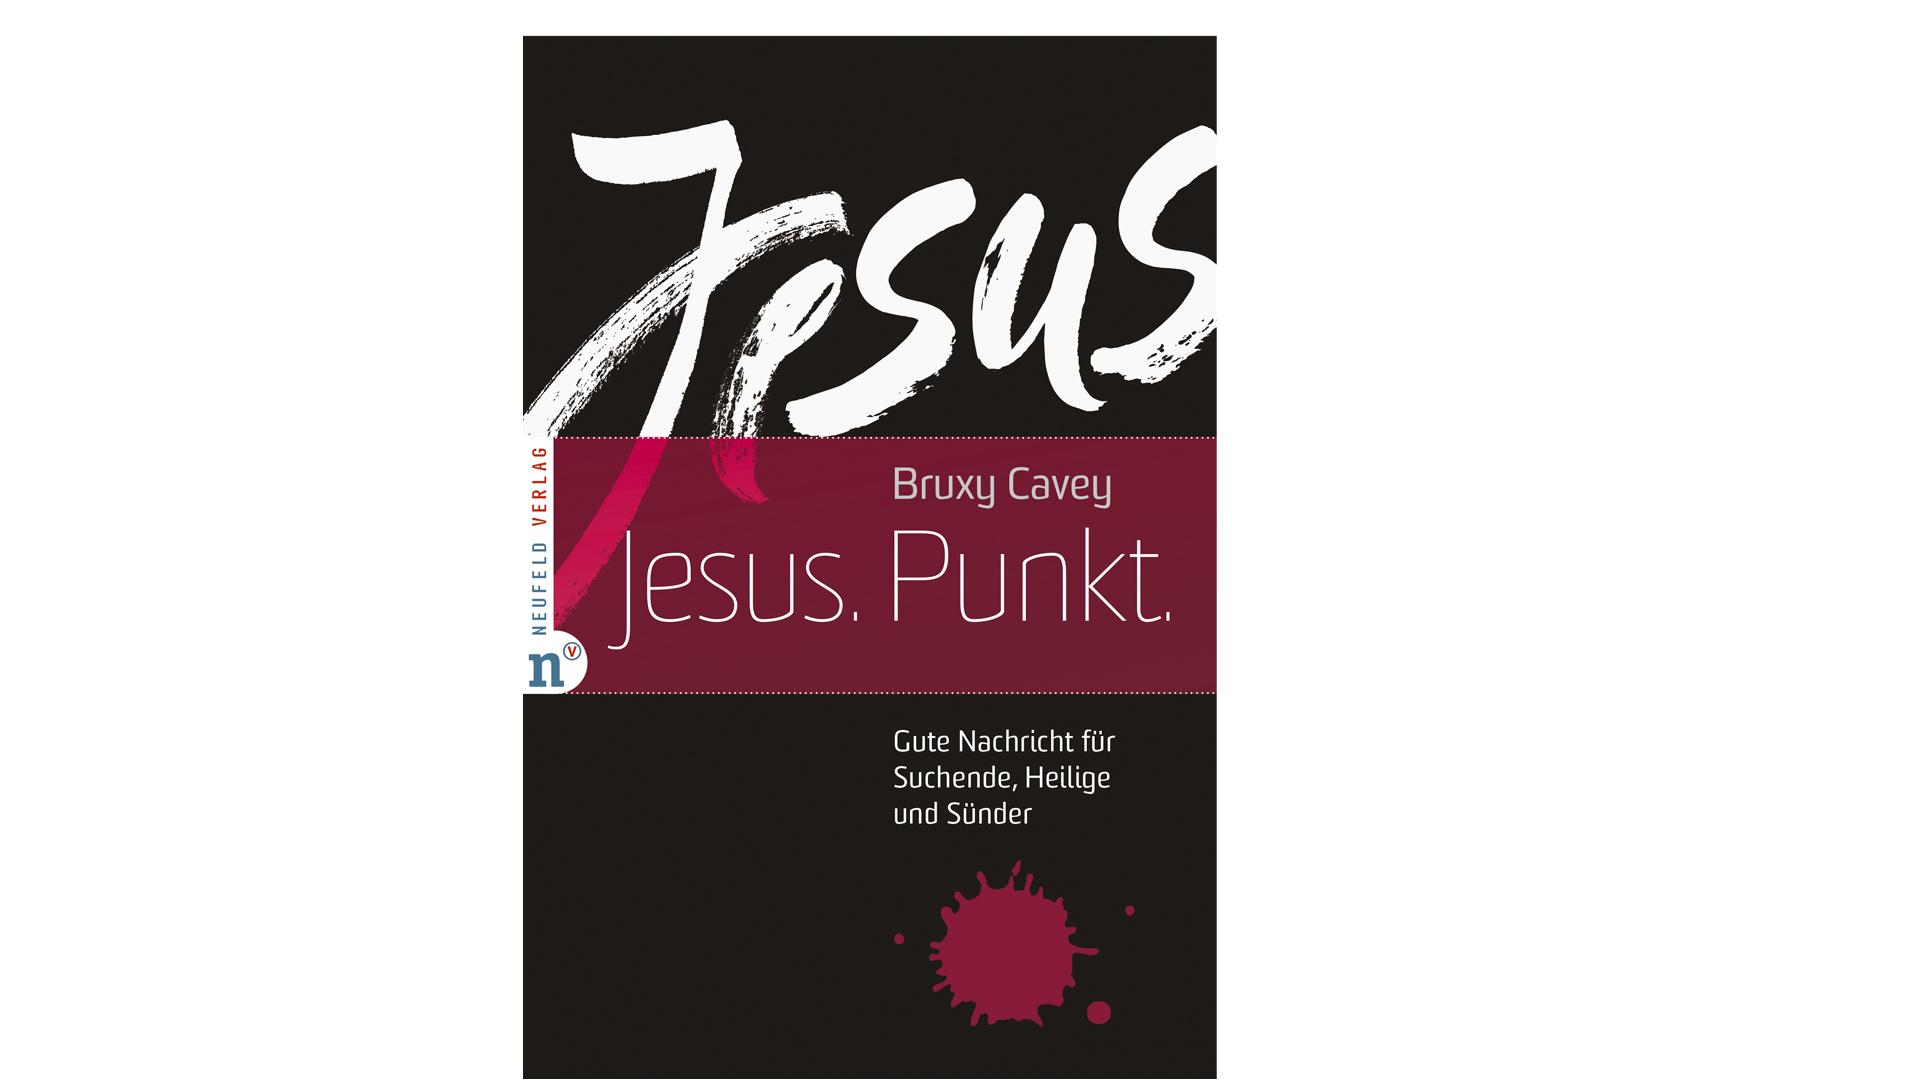 Jesus in das Zentrum stellt das neue Buch des kanadischen Theologen Bruxy Cavey, das im Neufeld-Verlag erschienen ist